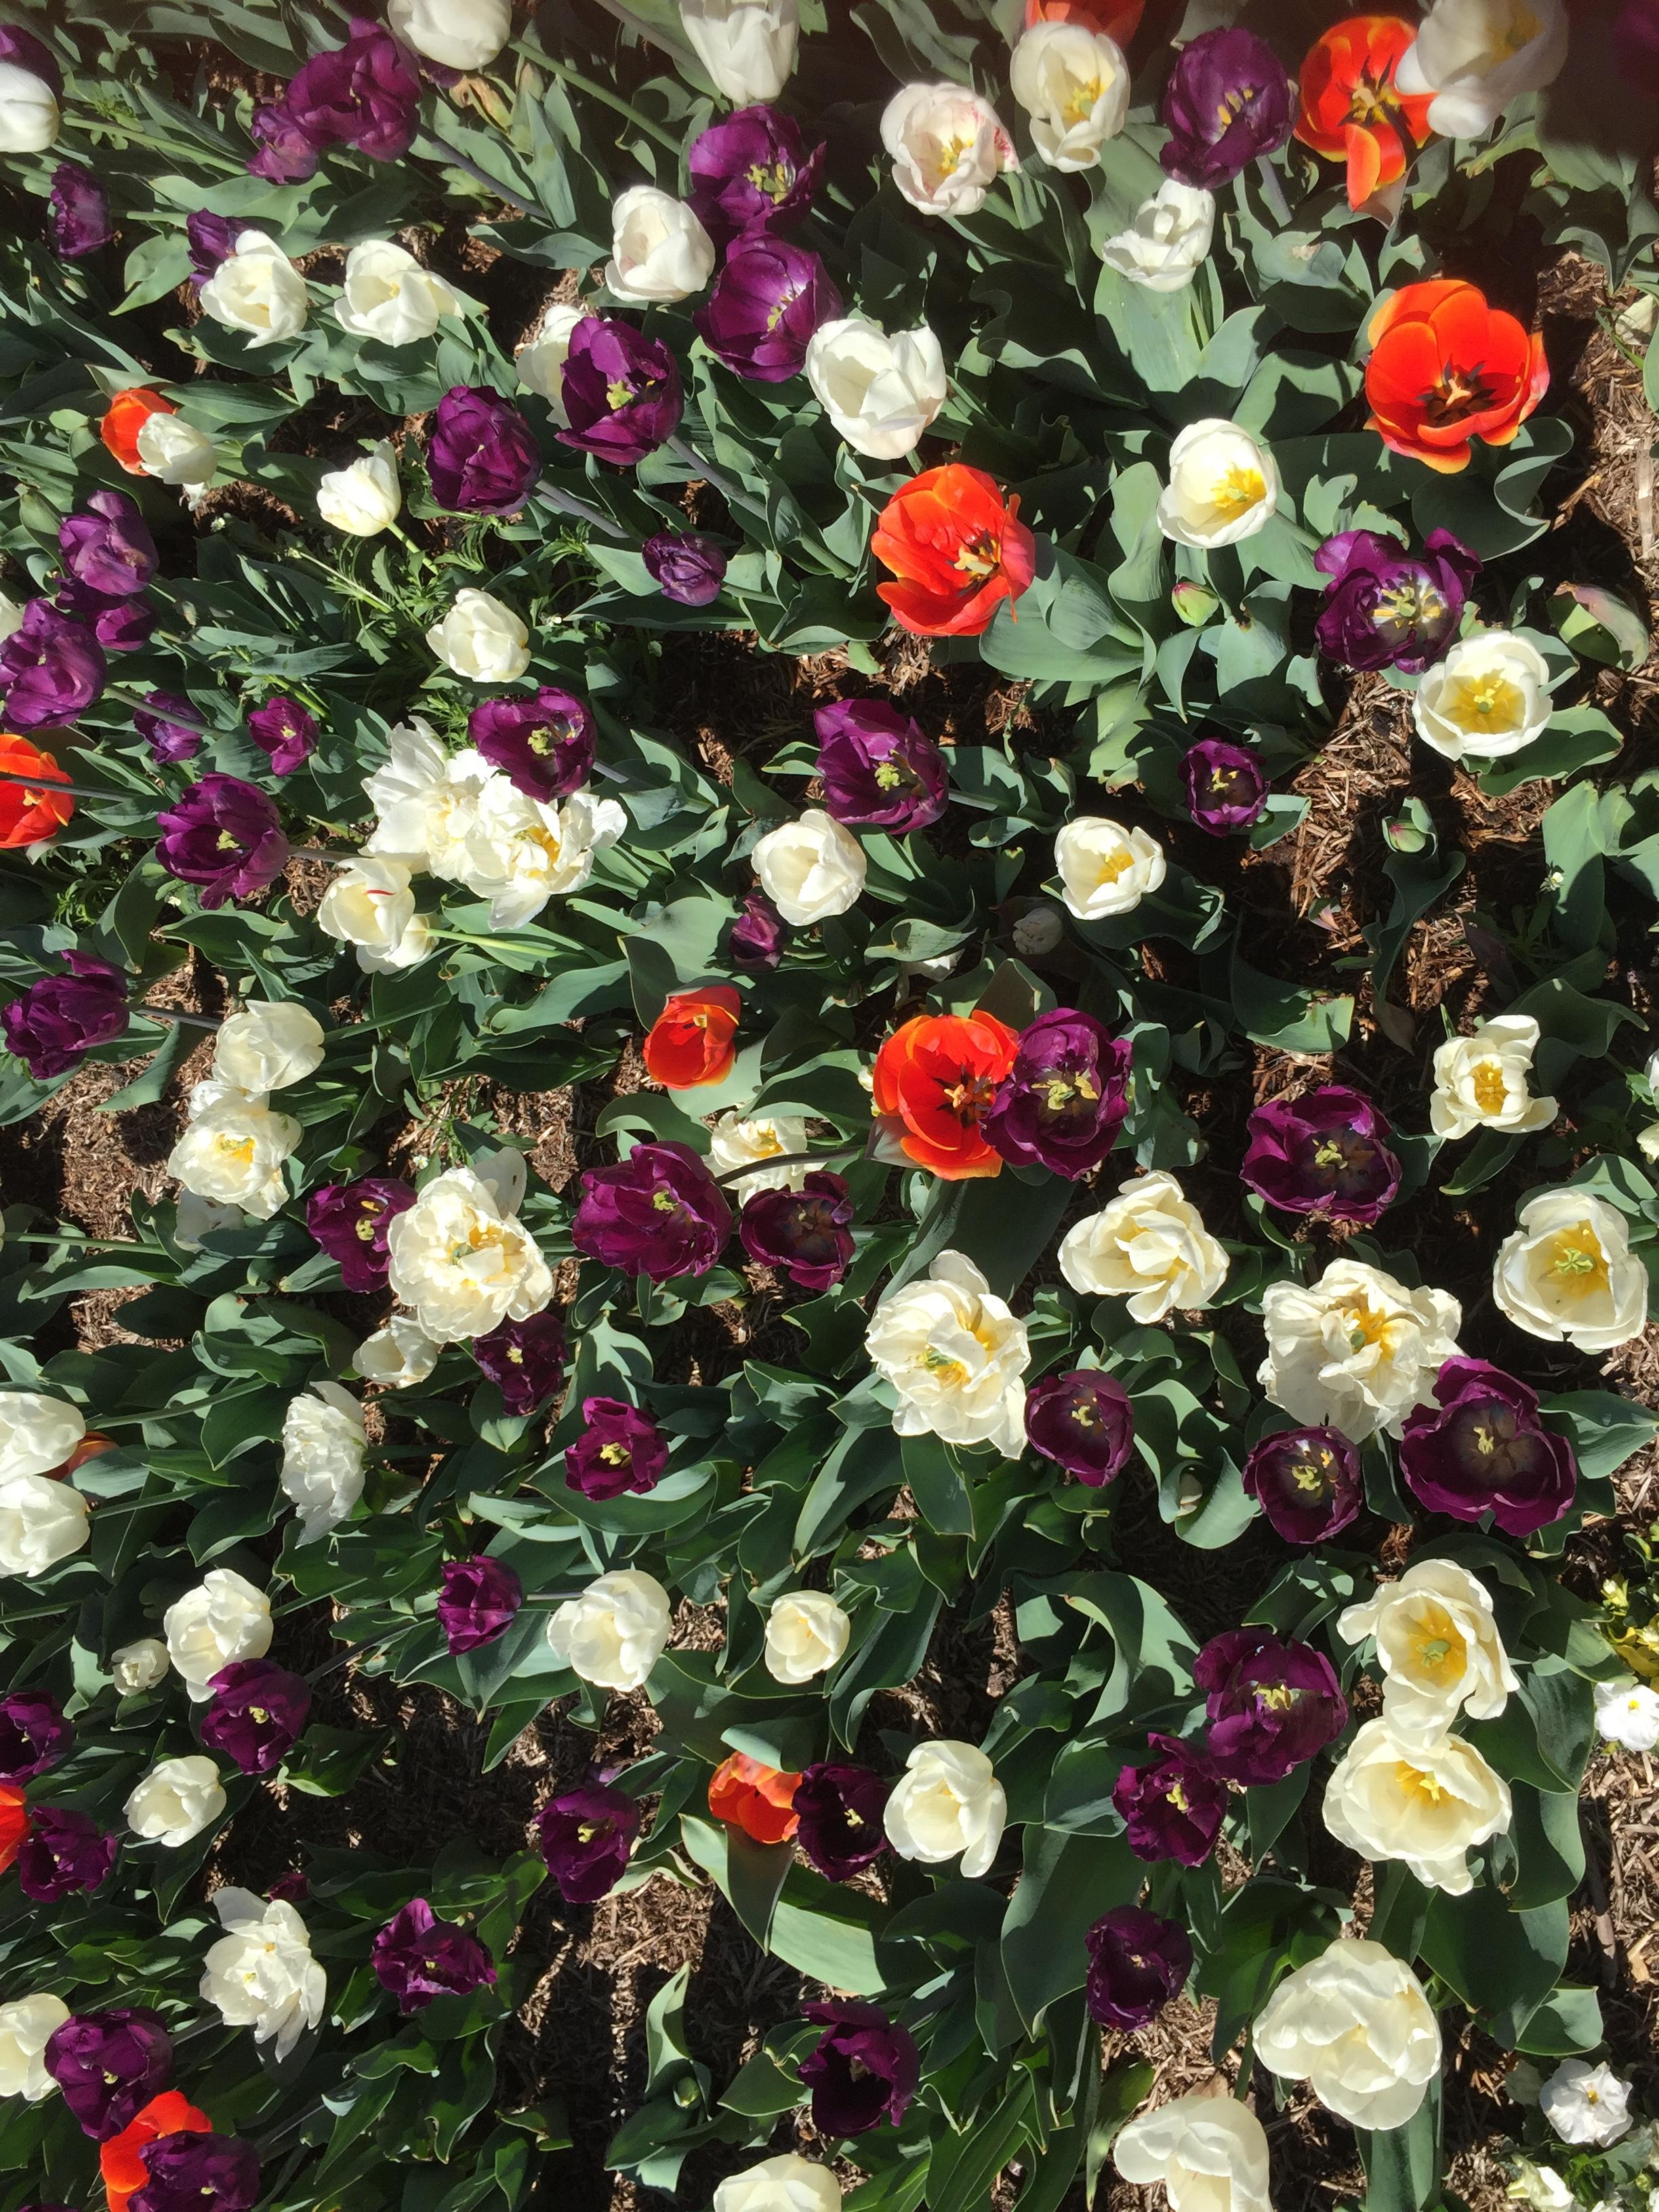 IMG_0126 Tulips.JPG